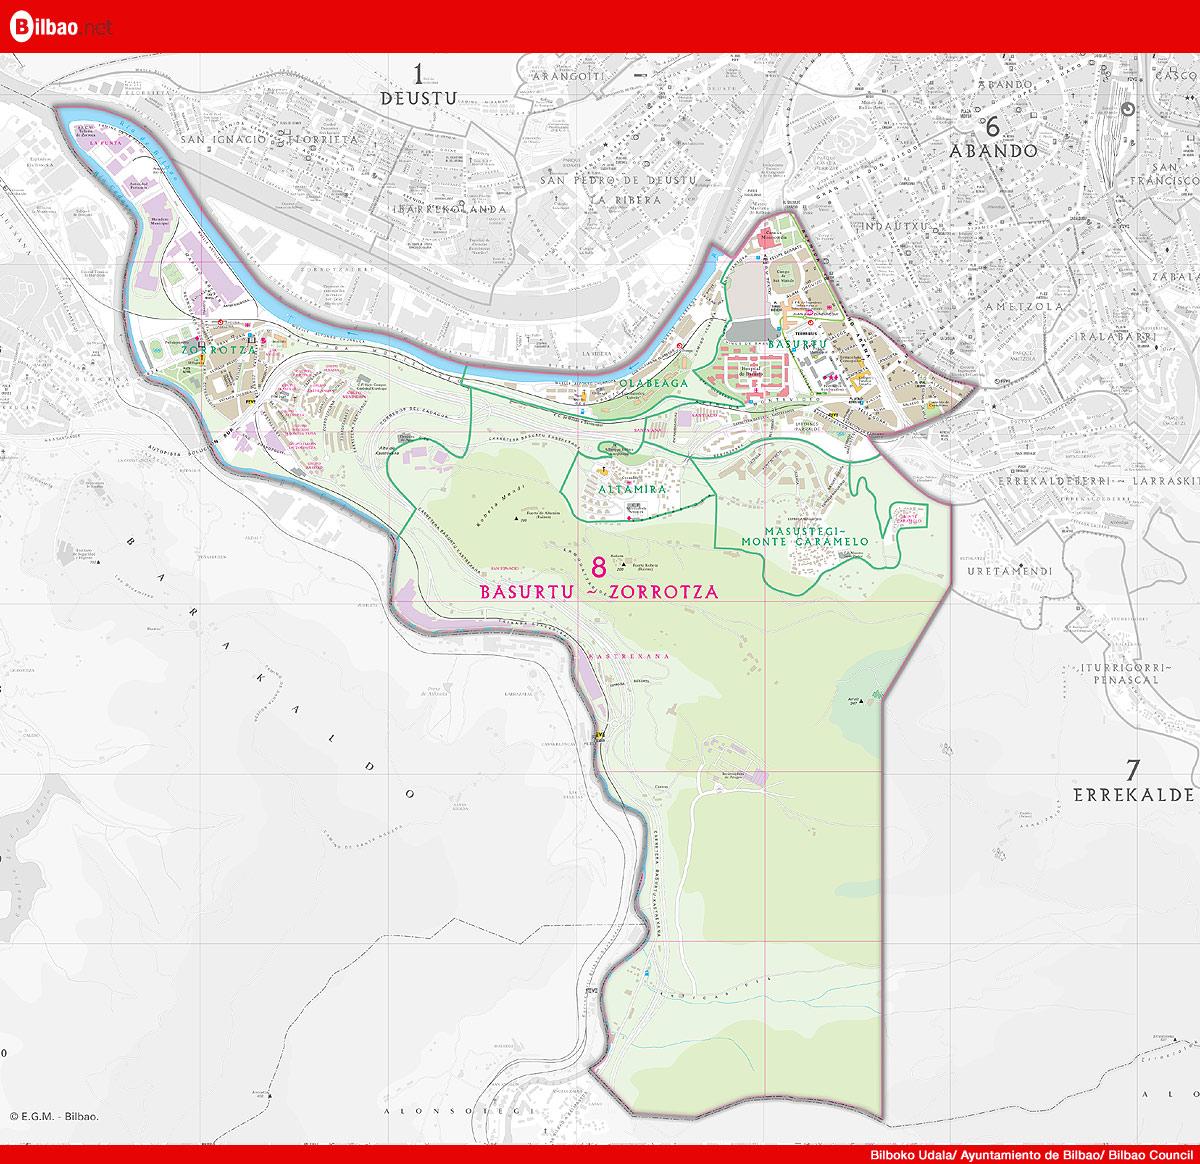 Distrito de Basurto-Zorroza